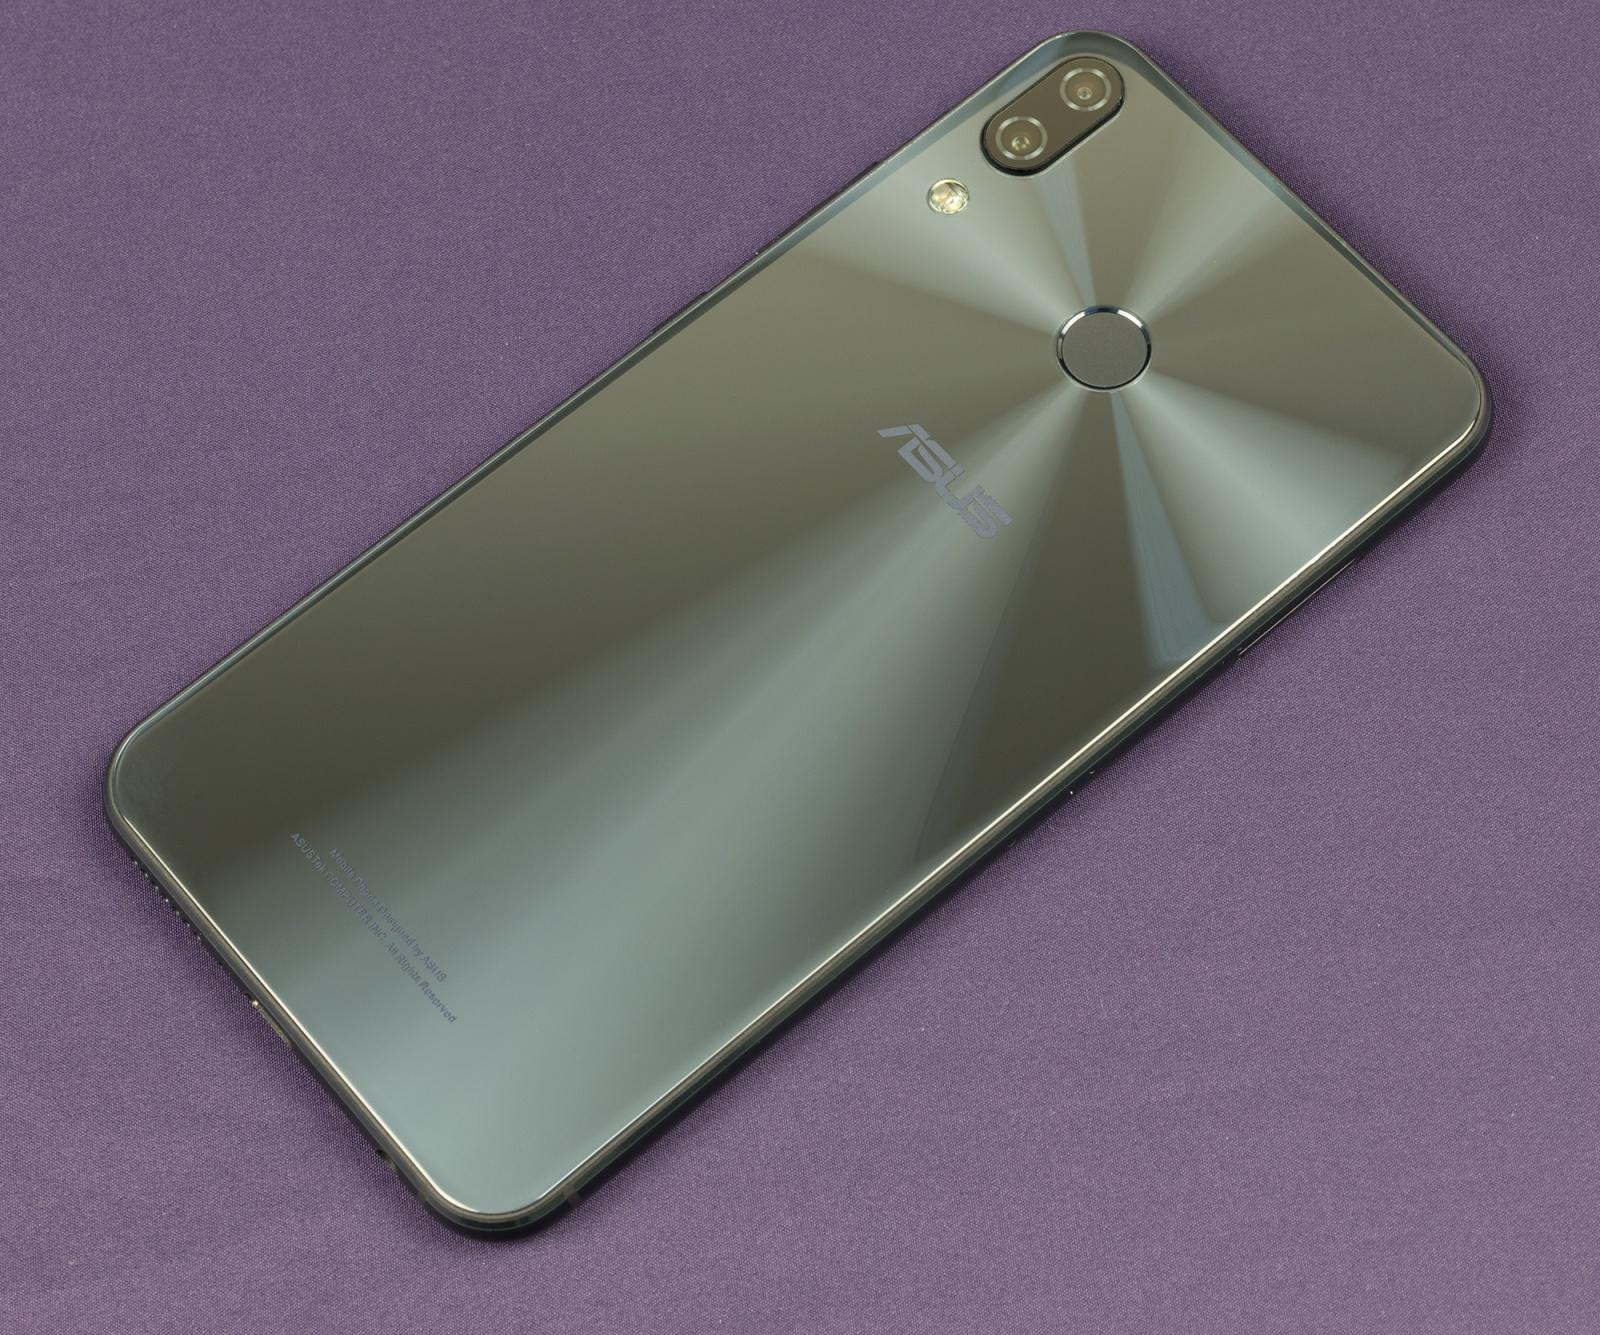 Обзор смартфона ASUS Zenfone 5 ZE620KL - 9